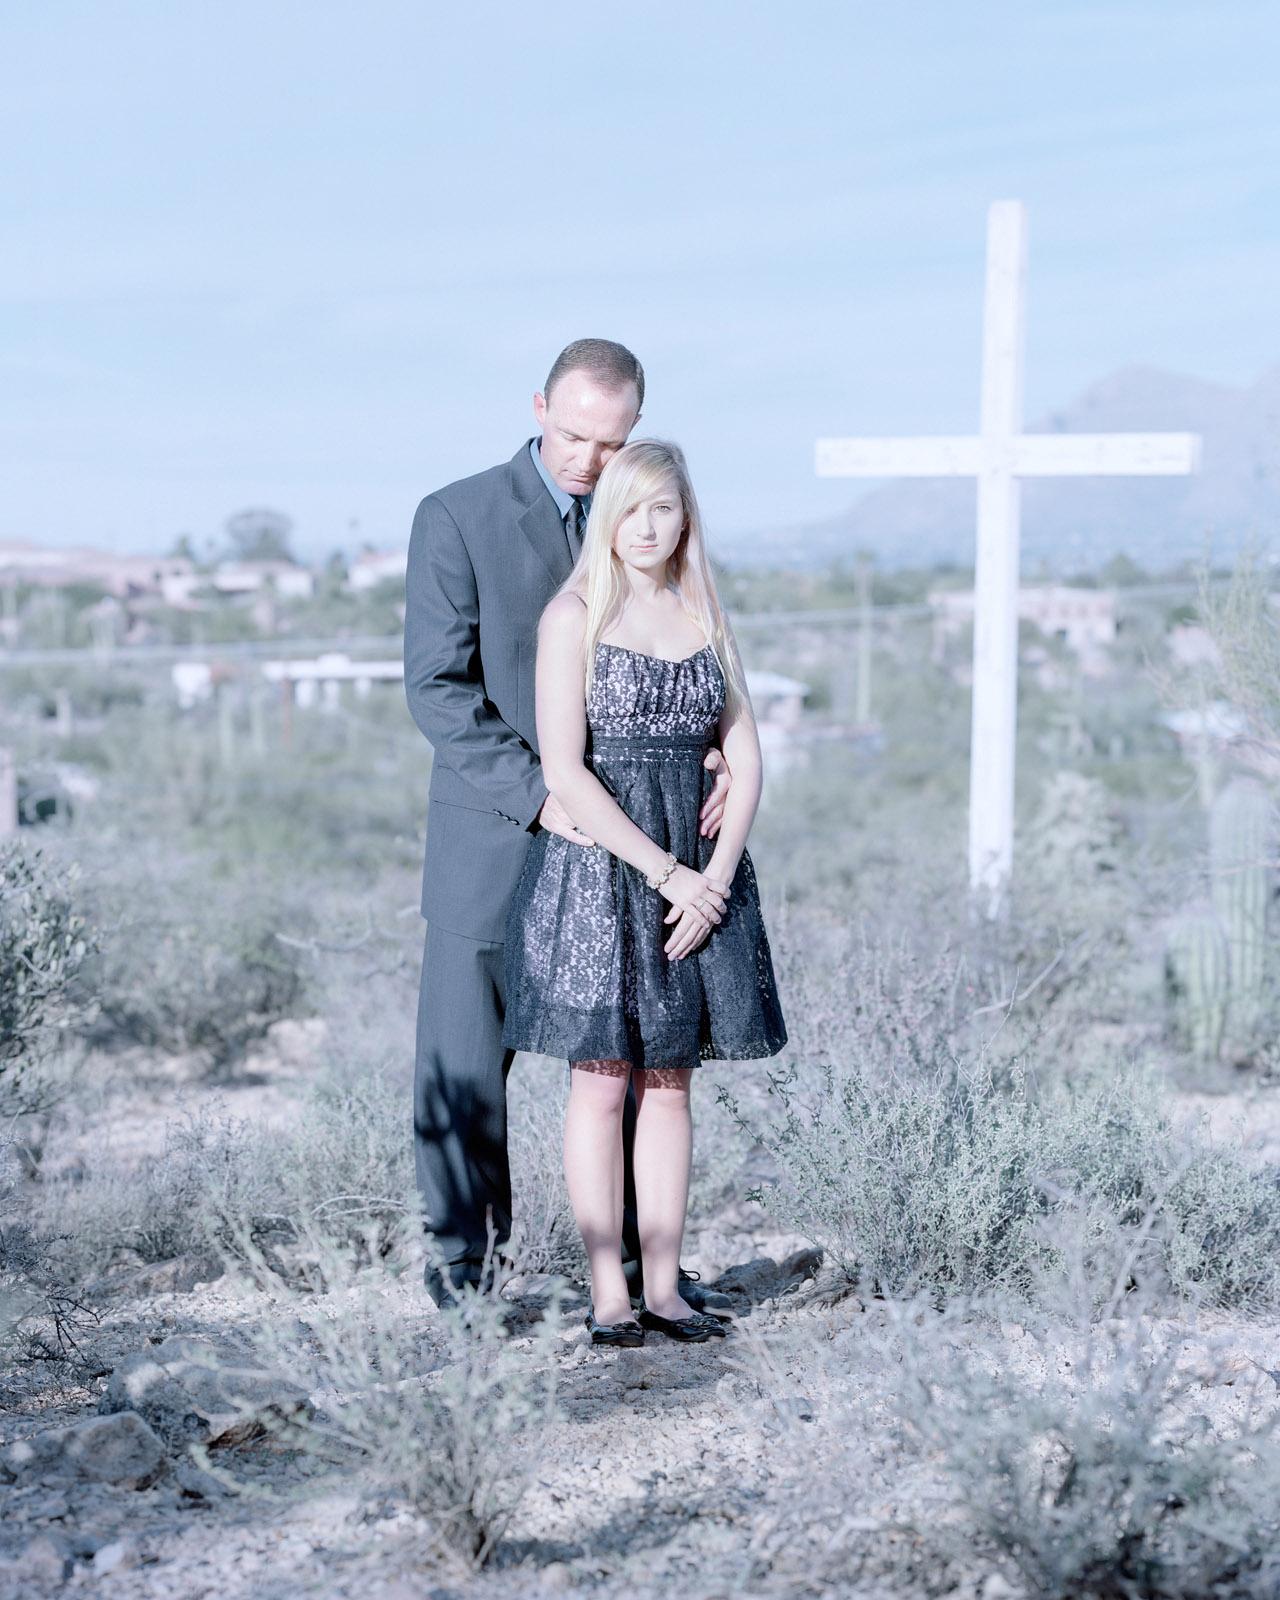 Will & Nicole Roosma, Tucson, Arizona